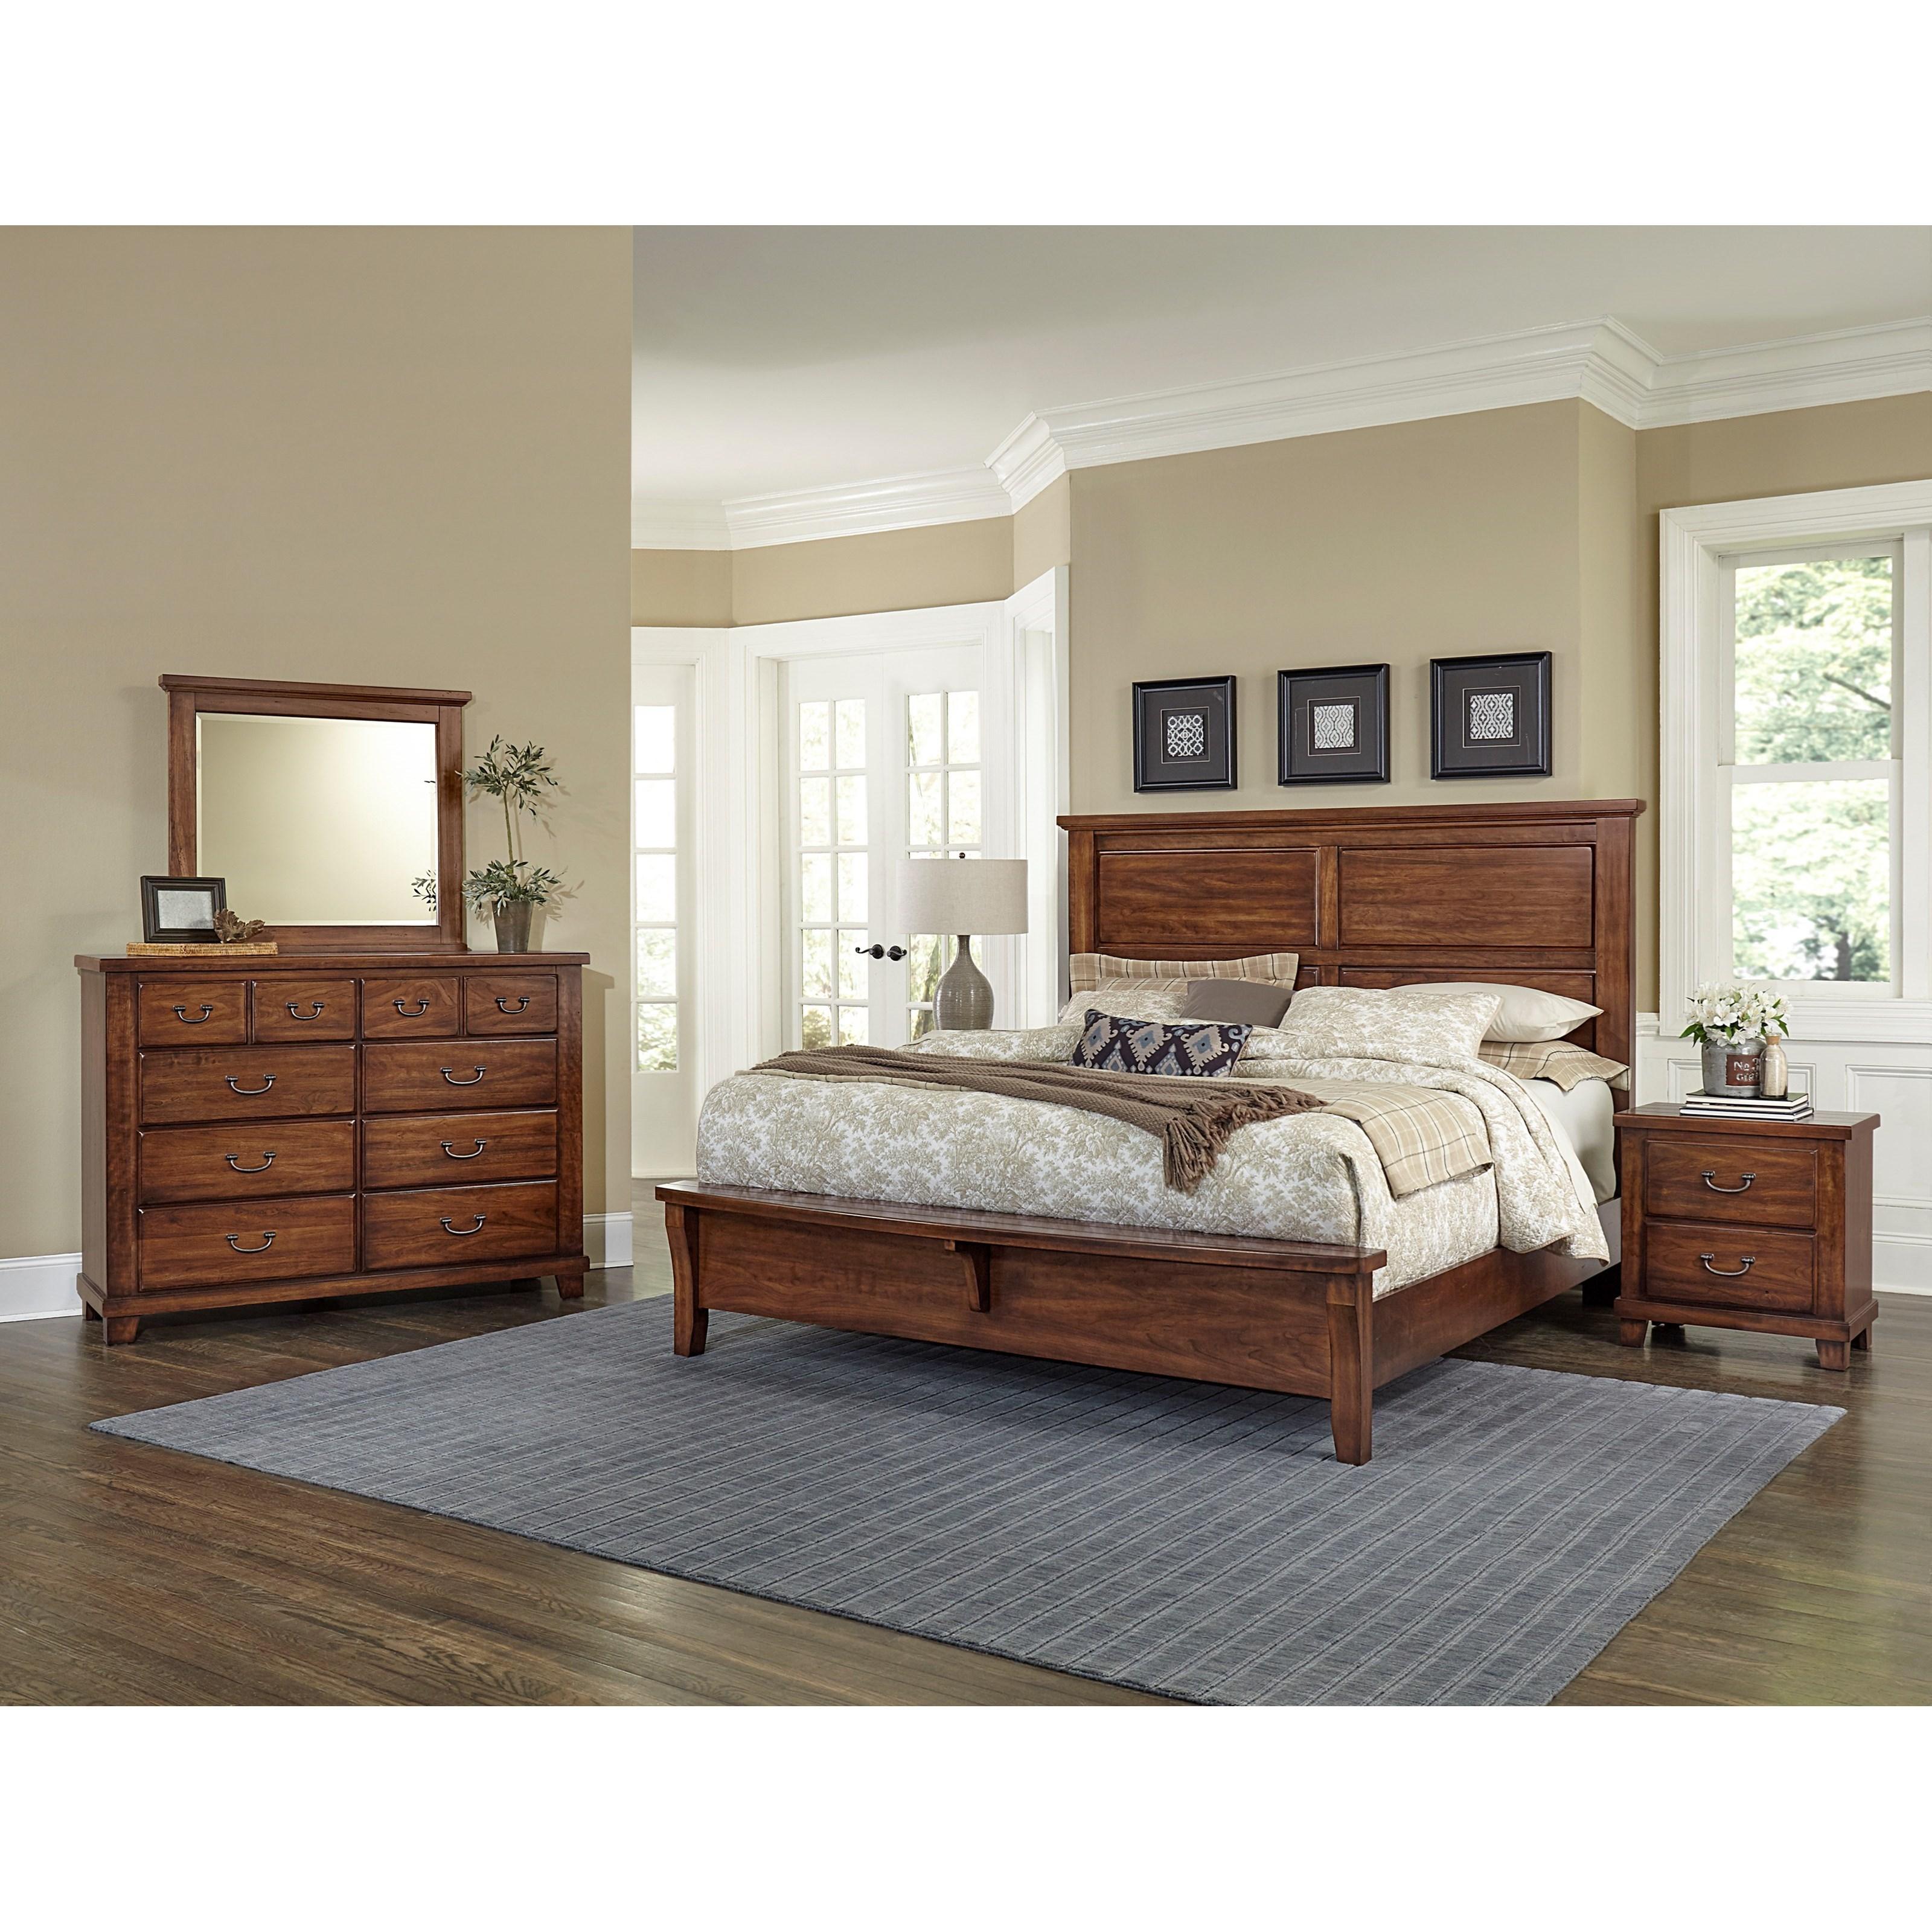 Vaughan bassett american cherry queen bedroom group for Bedroom groups